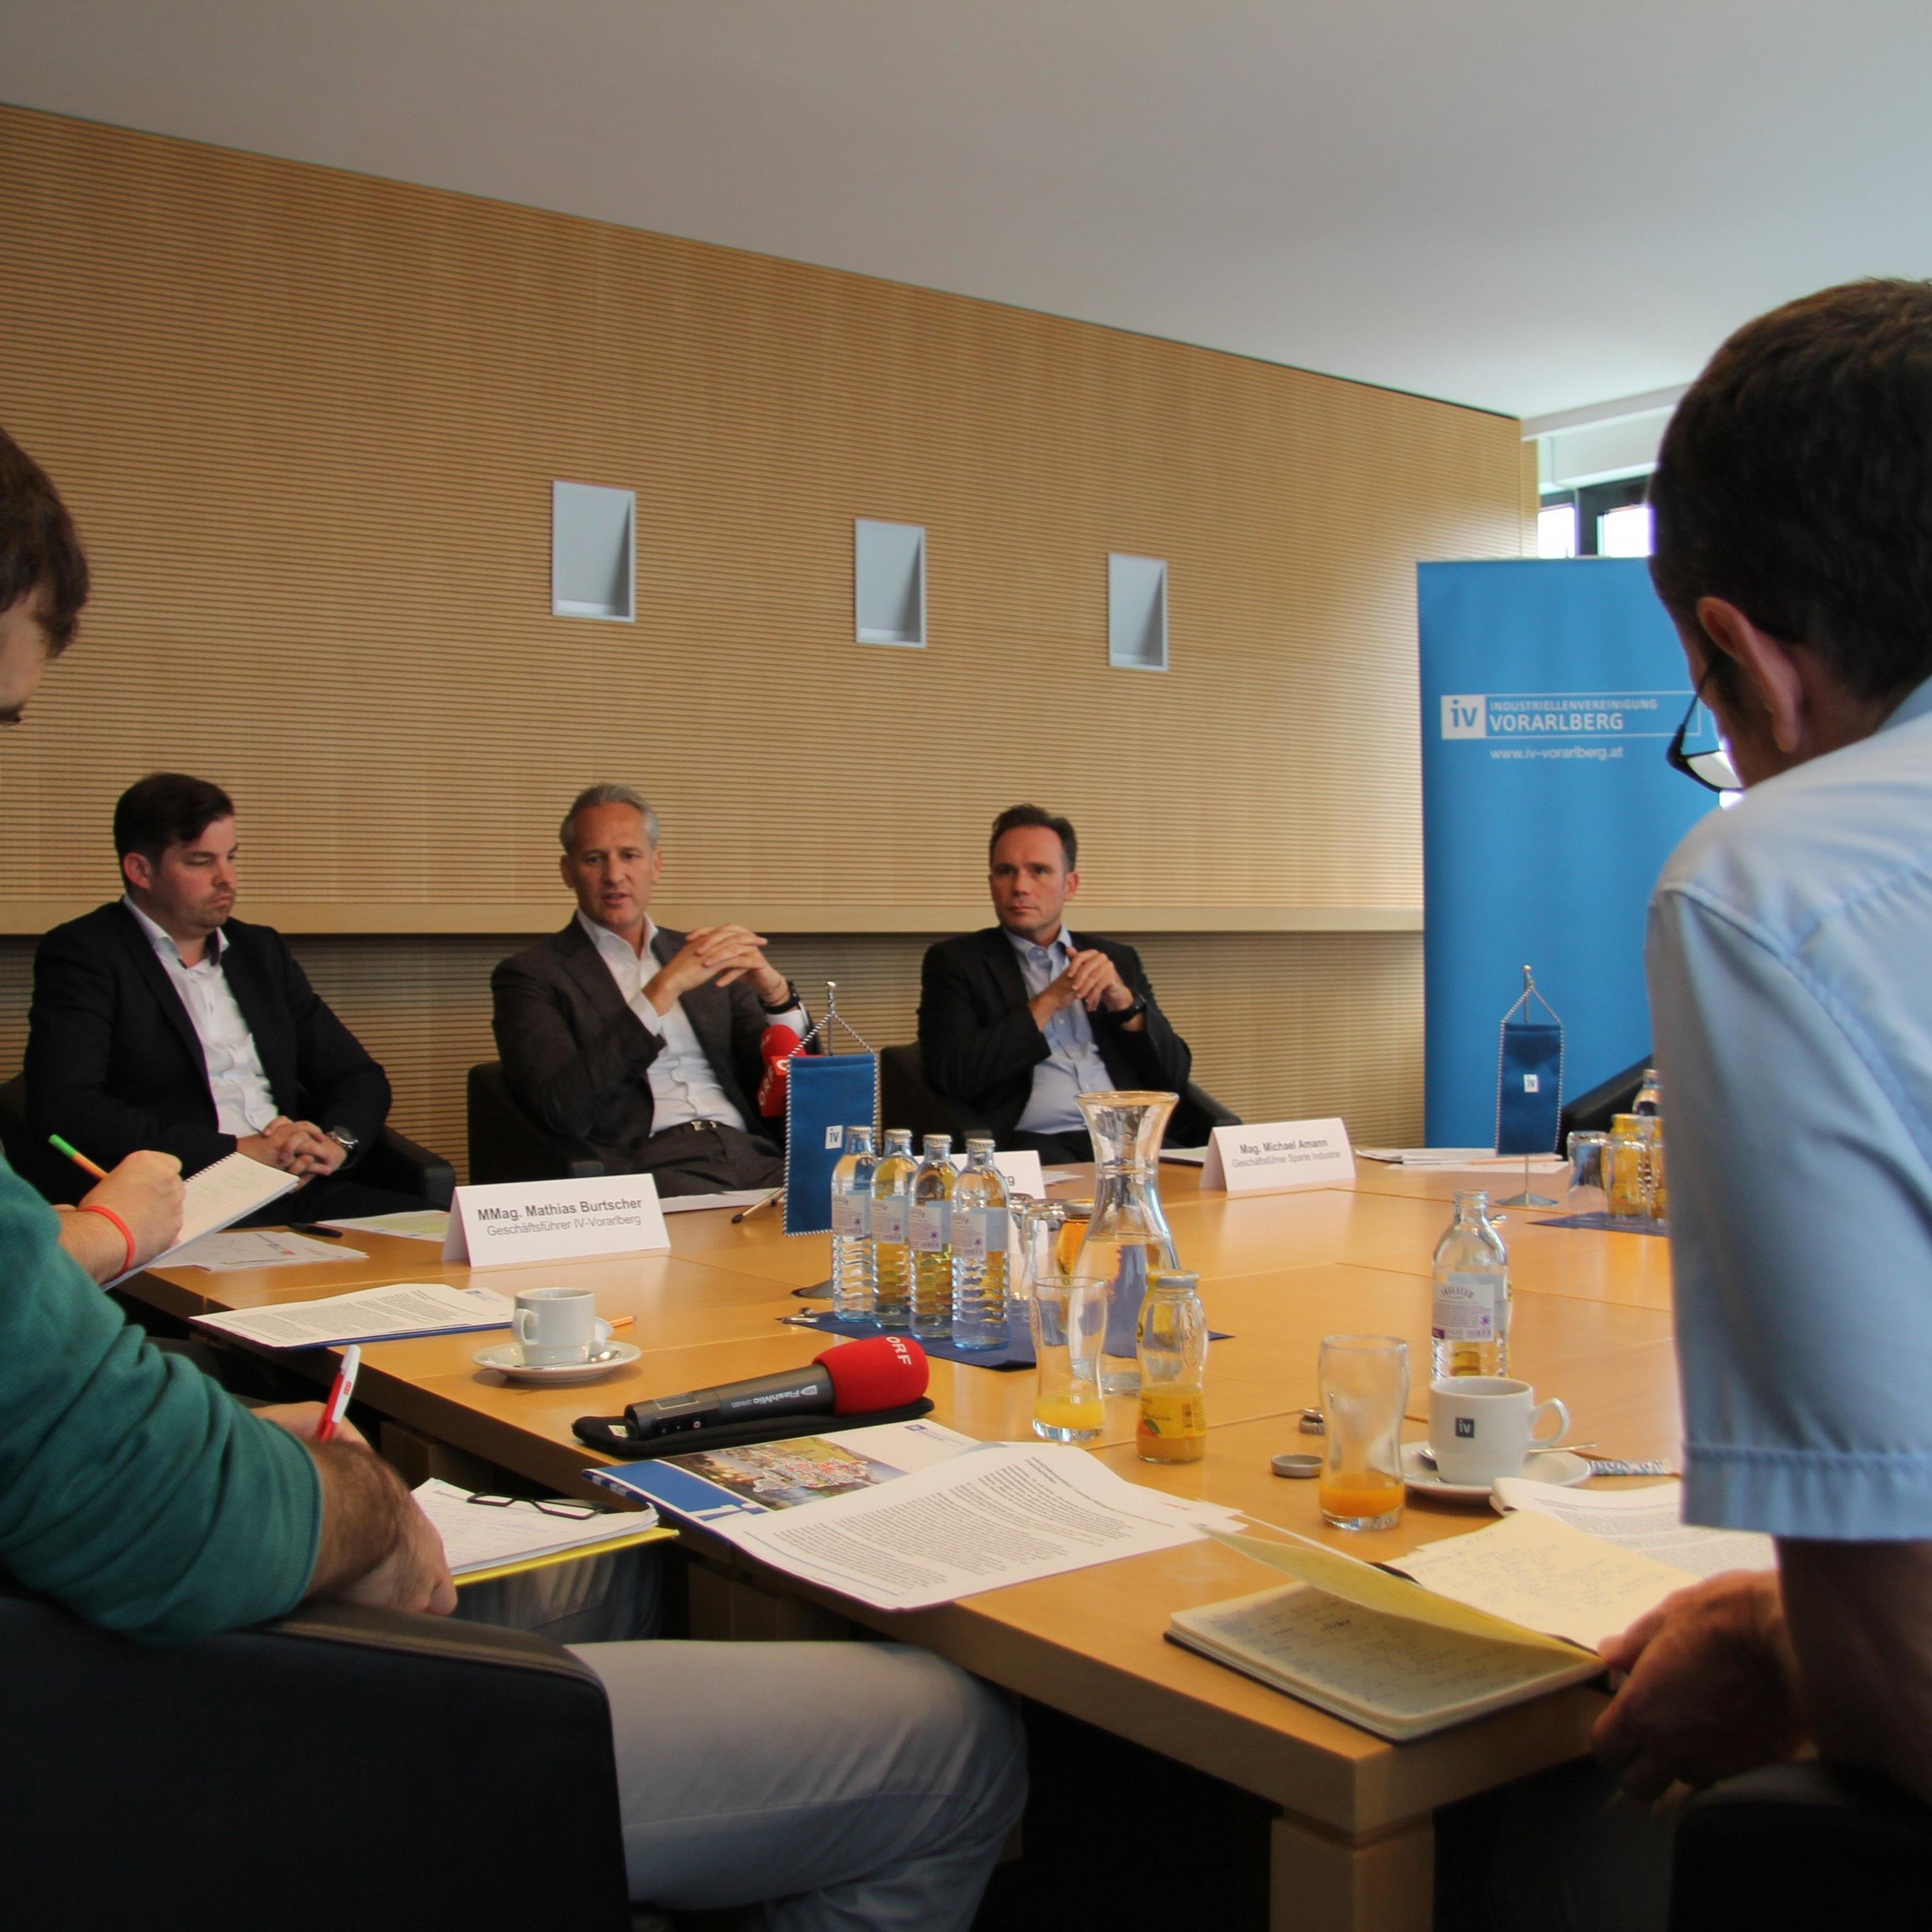 Die Vorarlberger Wirtschaft sei aufgrund der aktuellen Unsicherheiten ernüchtert, so das Fazit.